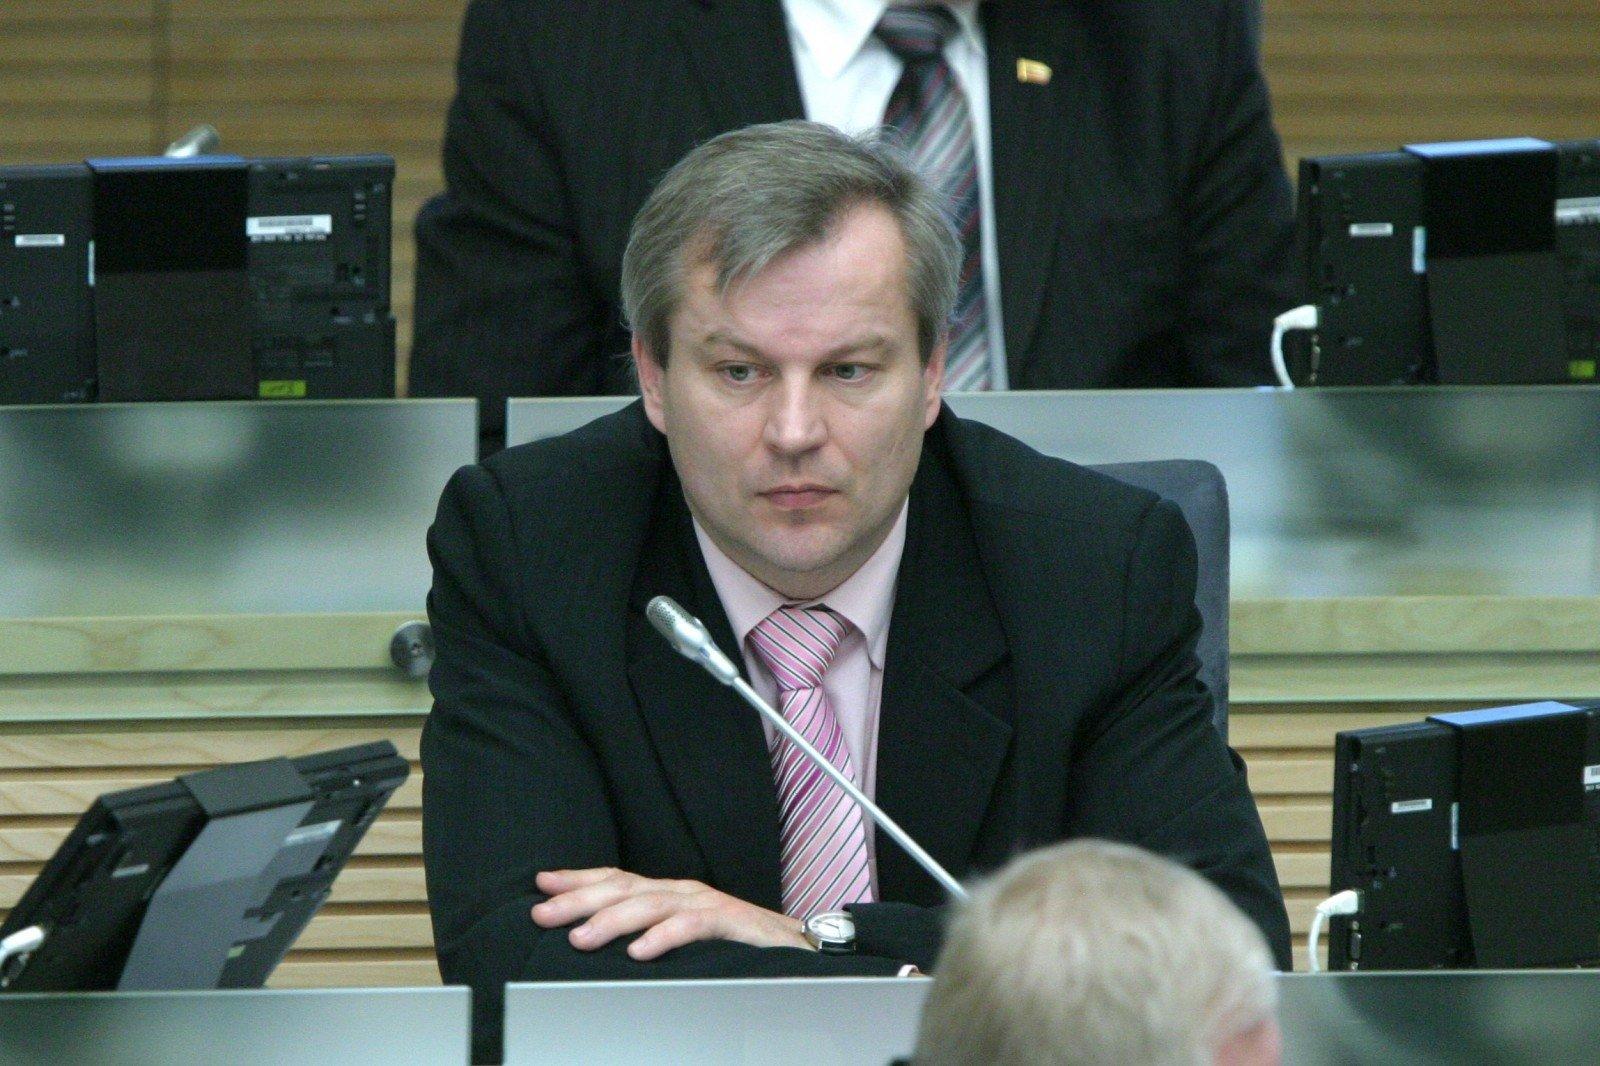 Вице-спикер Сейма Литвы ушел в отставку из-за «порочащих» связей с РФ